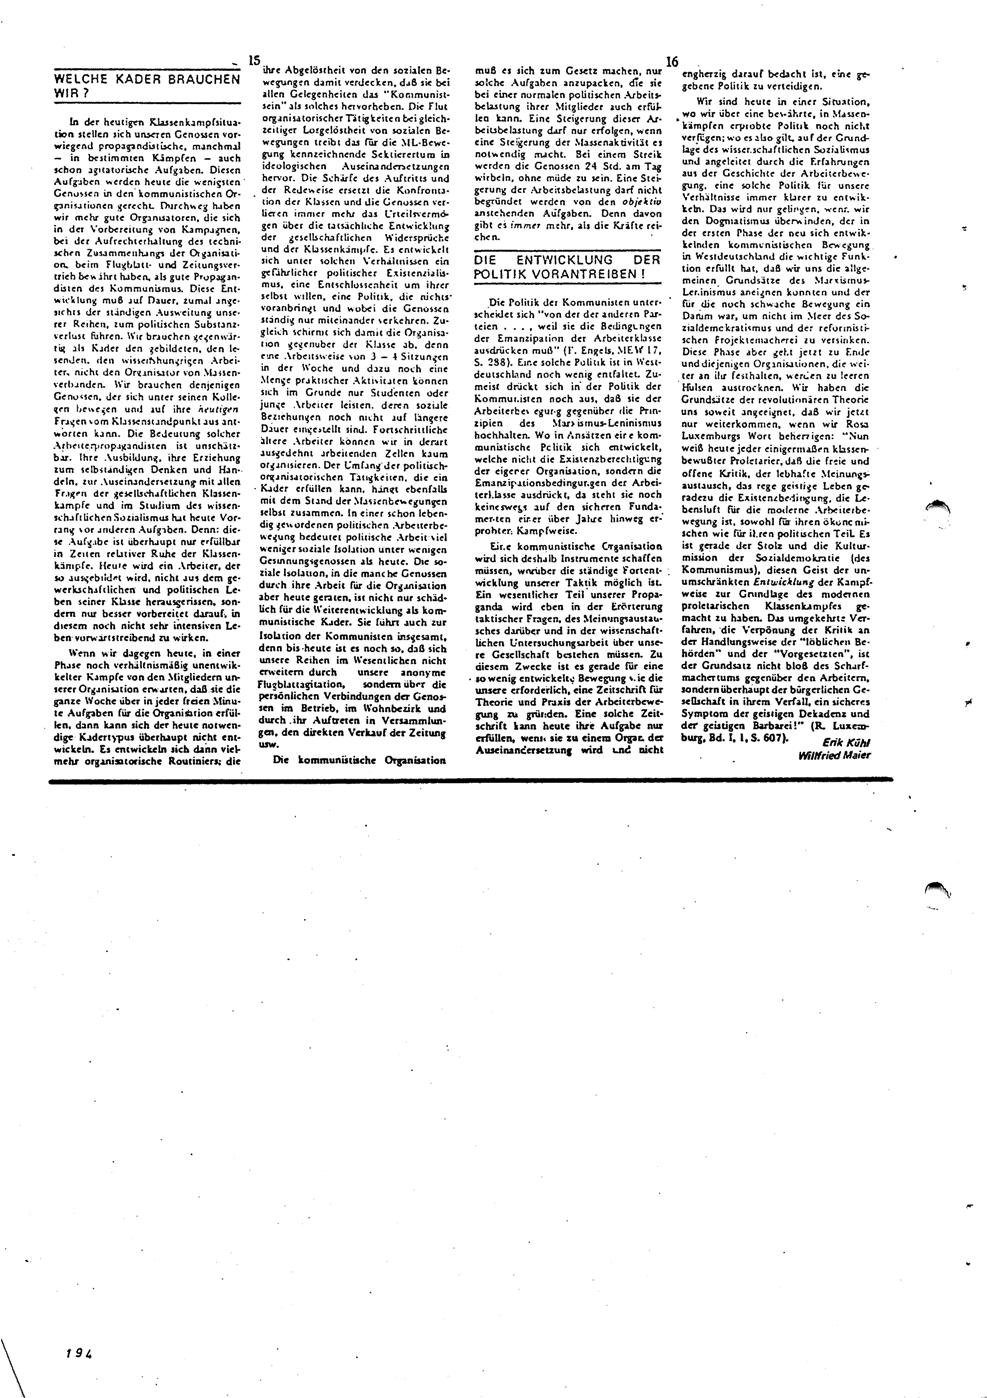 KABRW_Arbeitshefte_1978_31_074